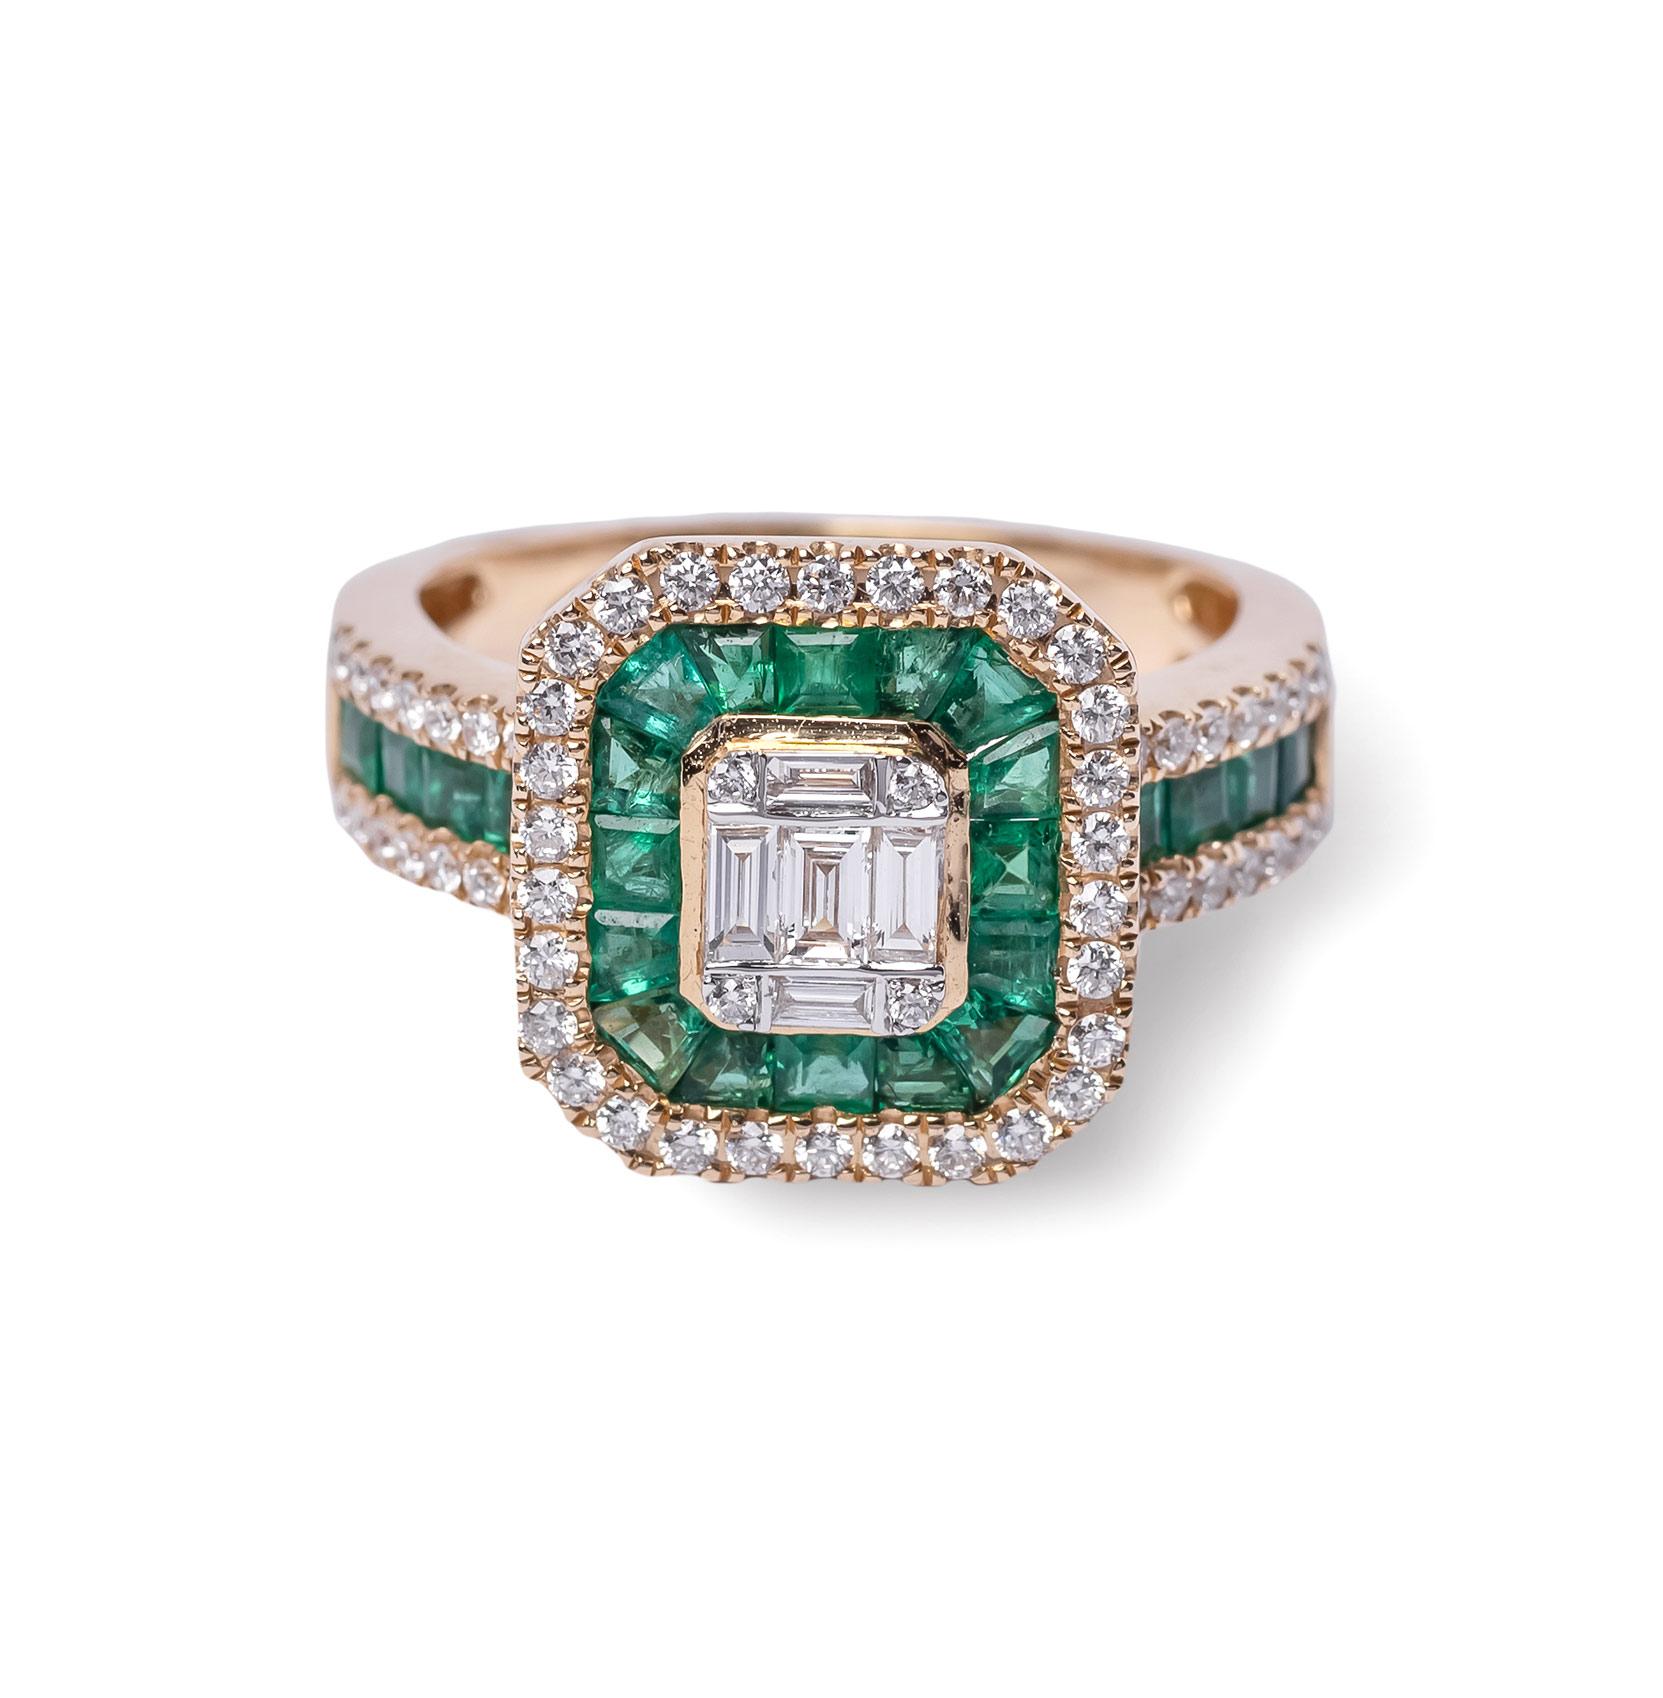 Δαχτυλίδι κίτρινο χρυσό Κ18 με σμαράγδια και διαμάντια